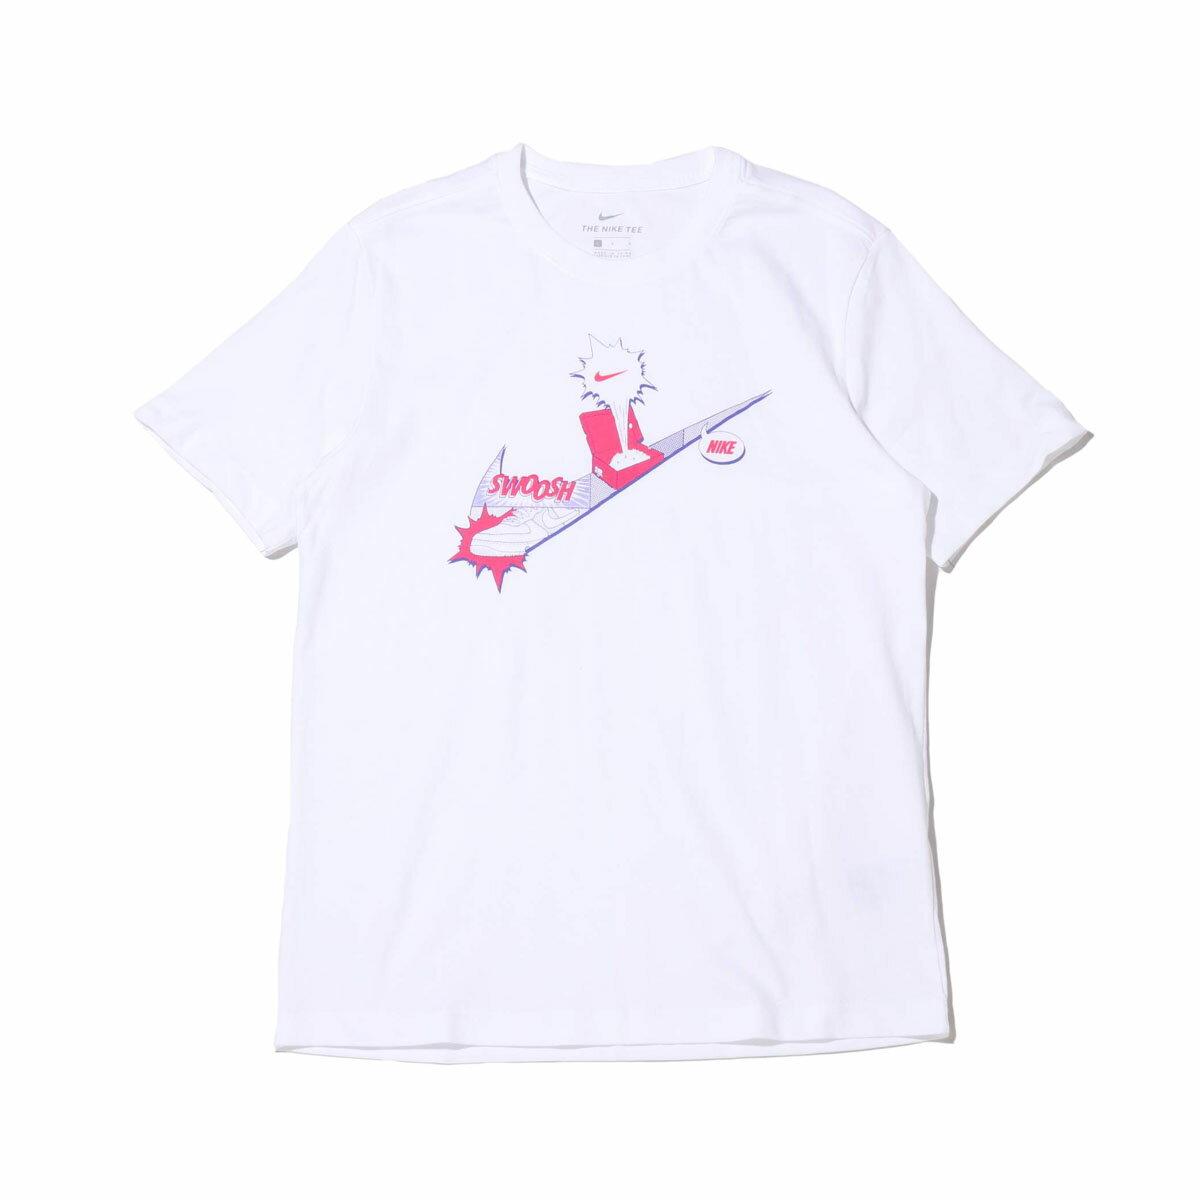 トップス, Tシャツ・カットソー NIKE AS M NSW TEE FTWR 1 HBR( FTWR 1 HBR T)WHITE T20SU-SMANGA COLLECTION at20-c